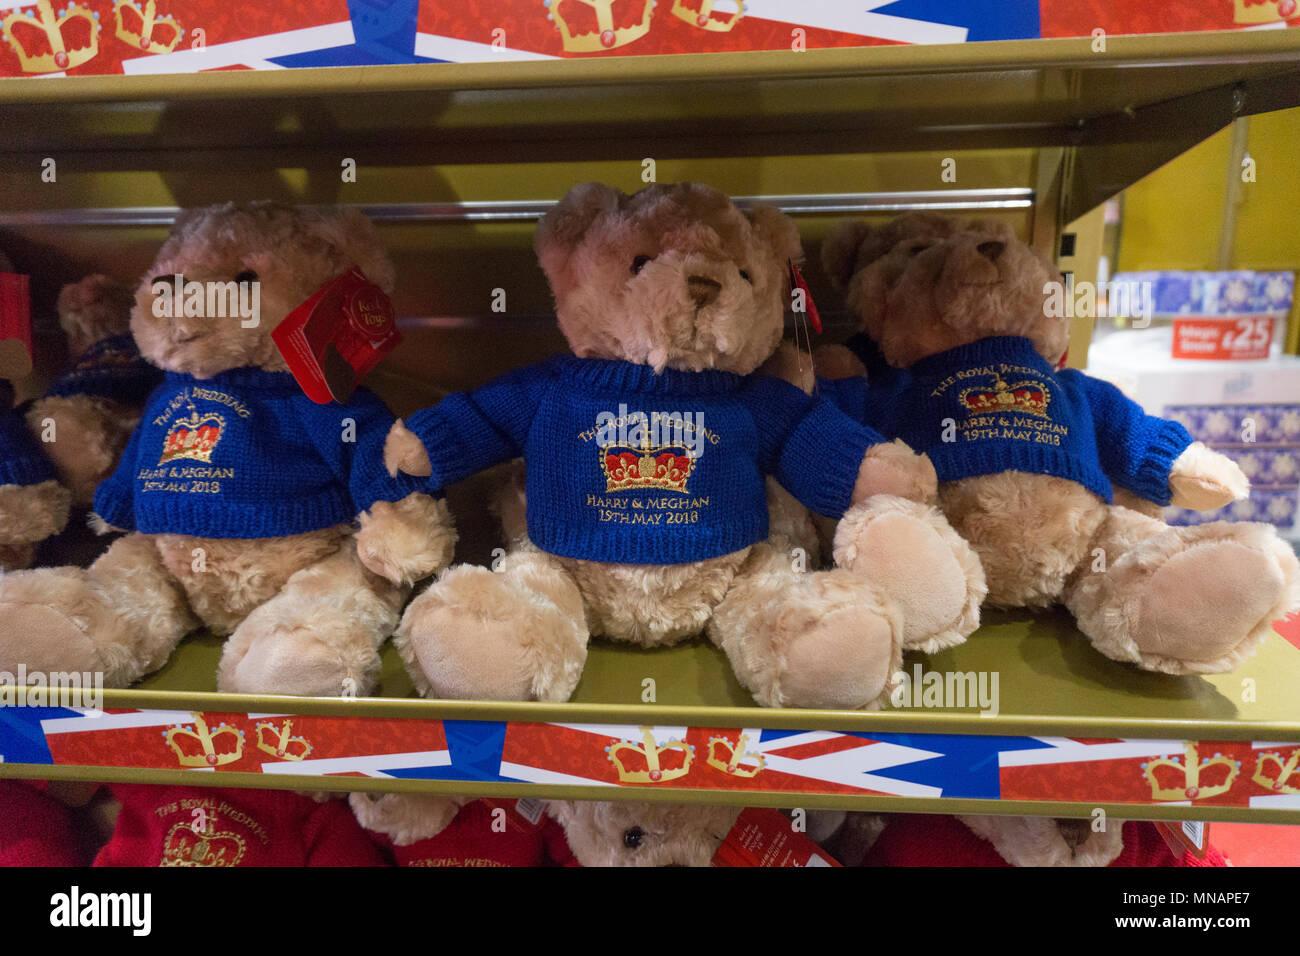 f4d608482de London Teddy Bears Stock Photos   London Teddy Bears Stock Images ...